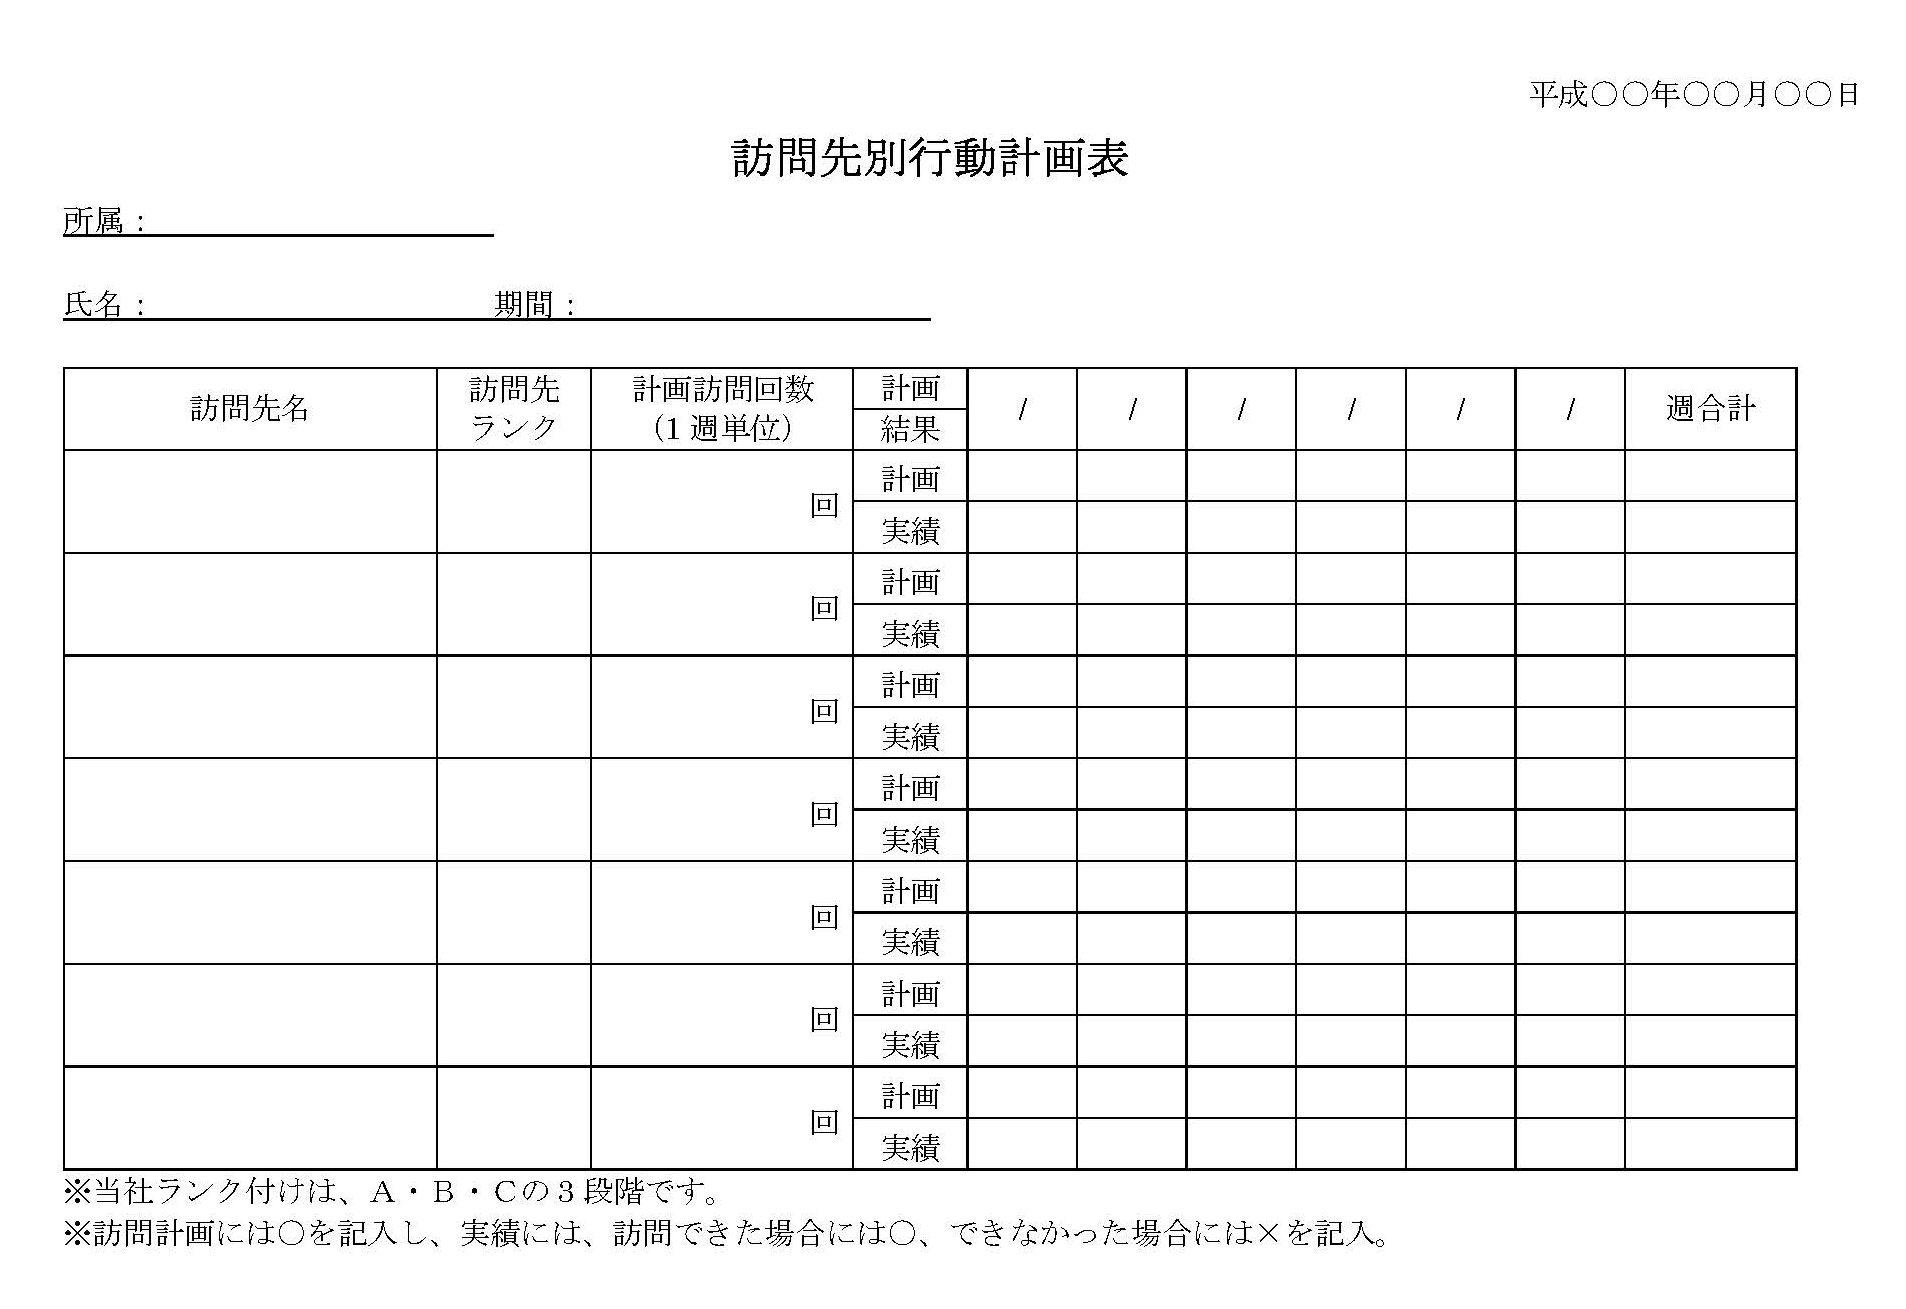 訪問先別行動計画表